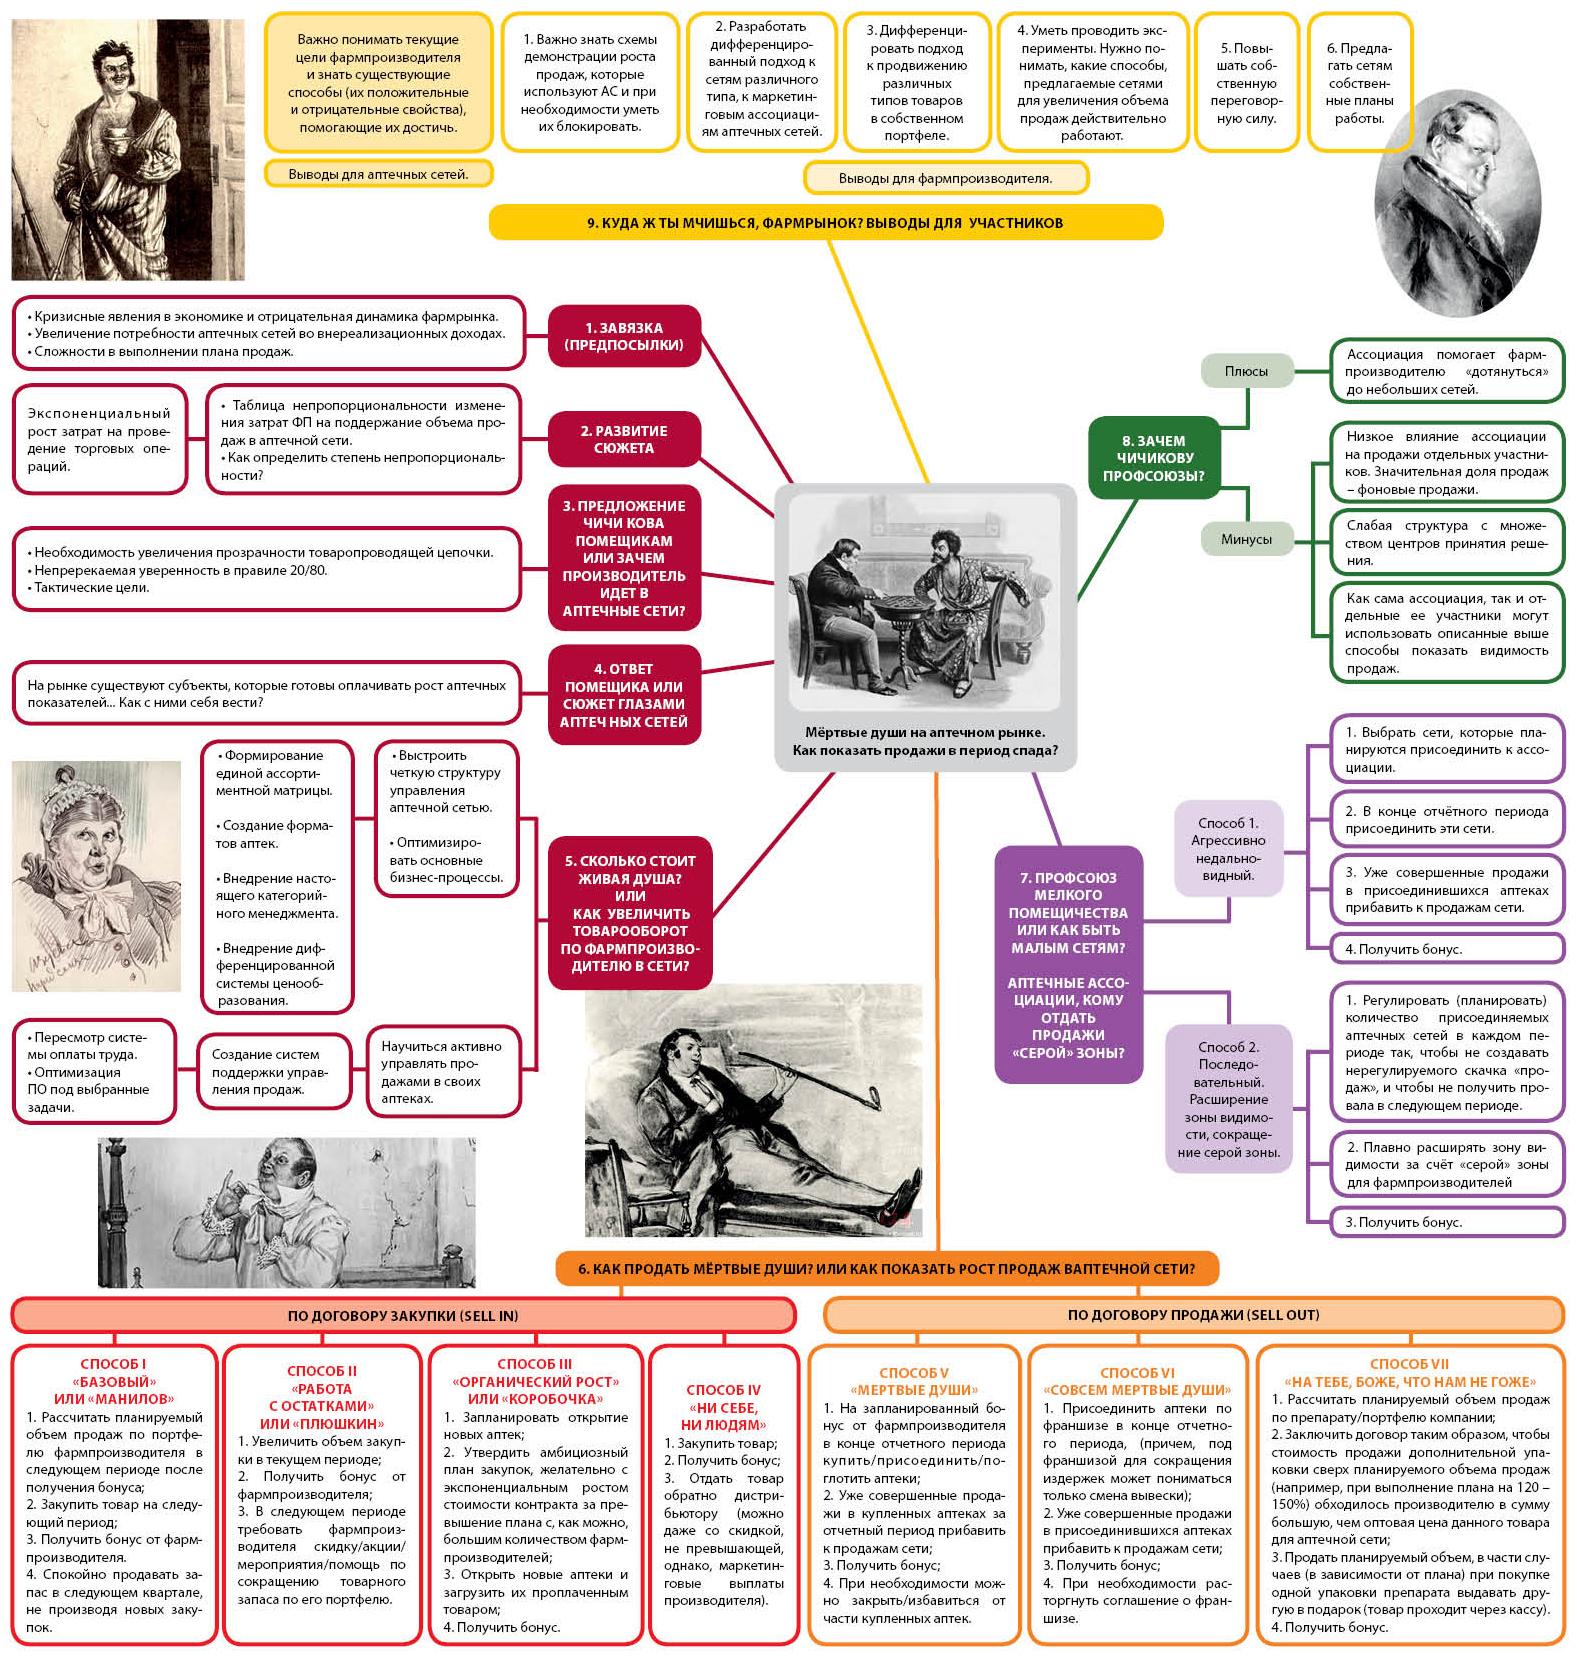 карта-схемы статьи Мёртвые души на аптечном рынке.